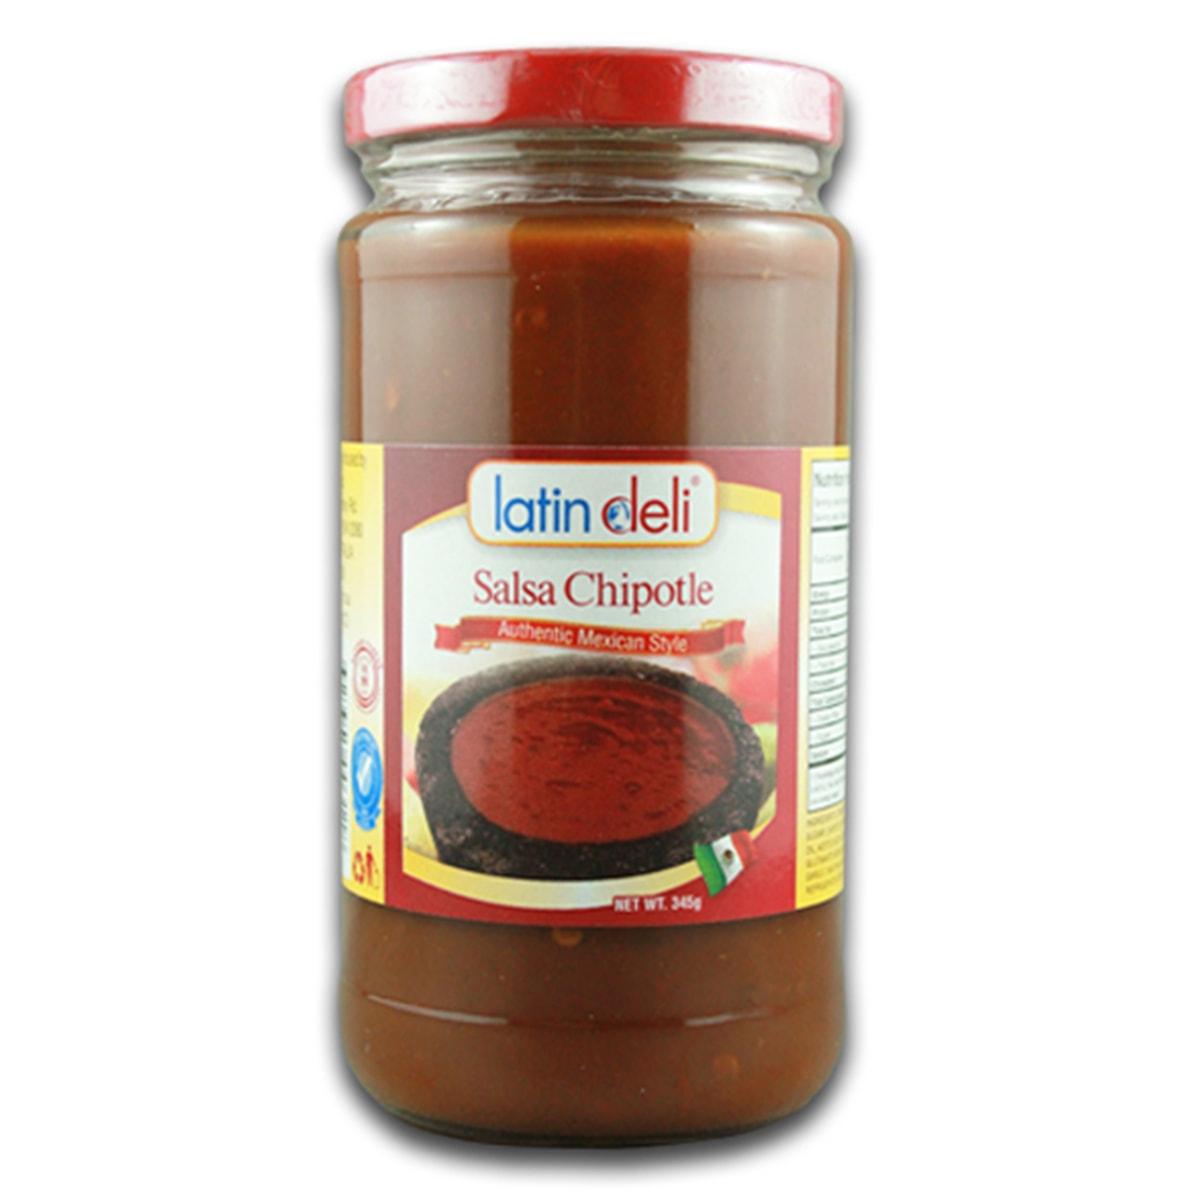 Buy Latin Deli Salsa Chipotle - 345 gm